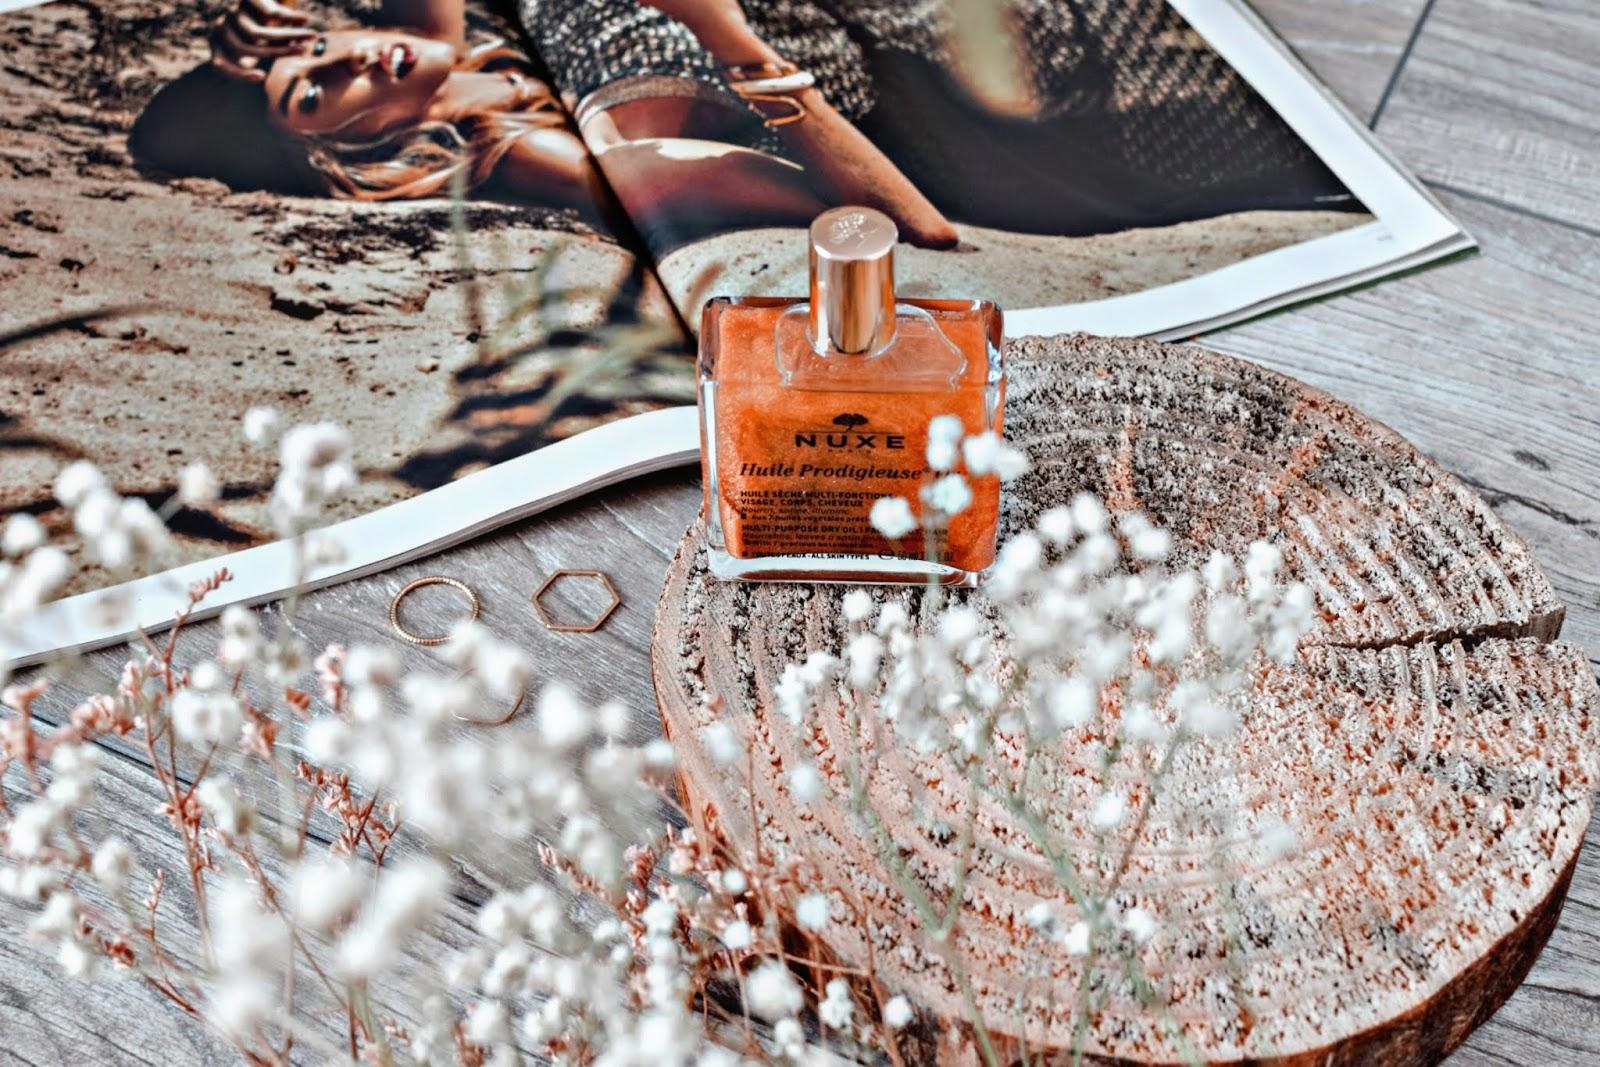 Multifunkcyjny suchy olejek z brokatem do twarzy, ciała i włosów